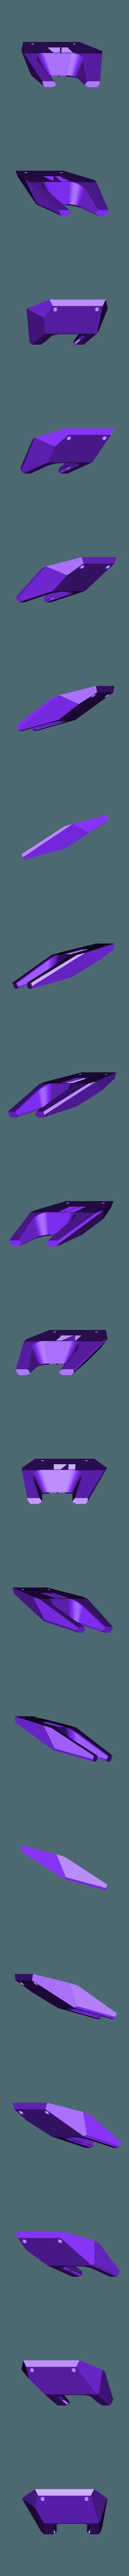 E3D_Mount_v2-11_DUCT.STL Télécharger fichier STL gratuit Monture basse pour grenouille poly (RigidBot E3D v6) • Design pour imprimante 3D, WalterHsiao